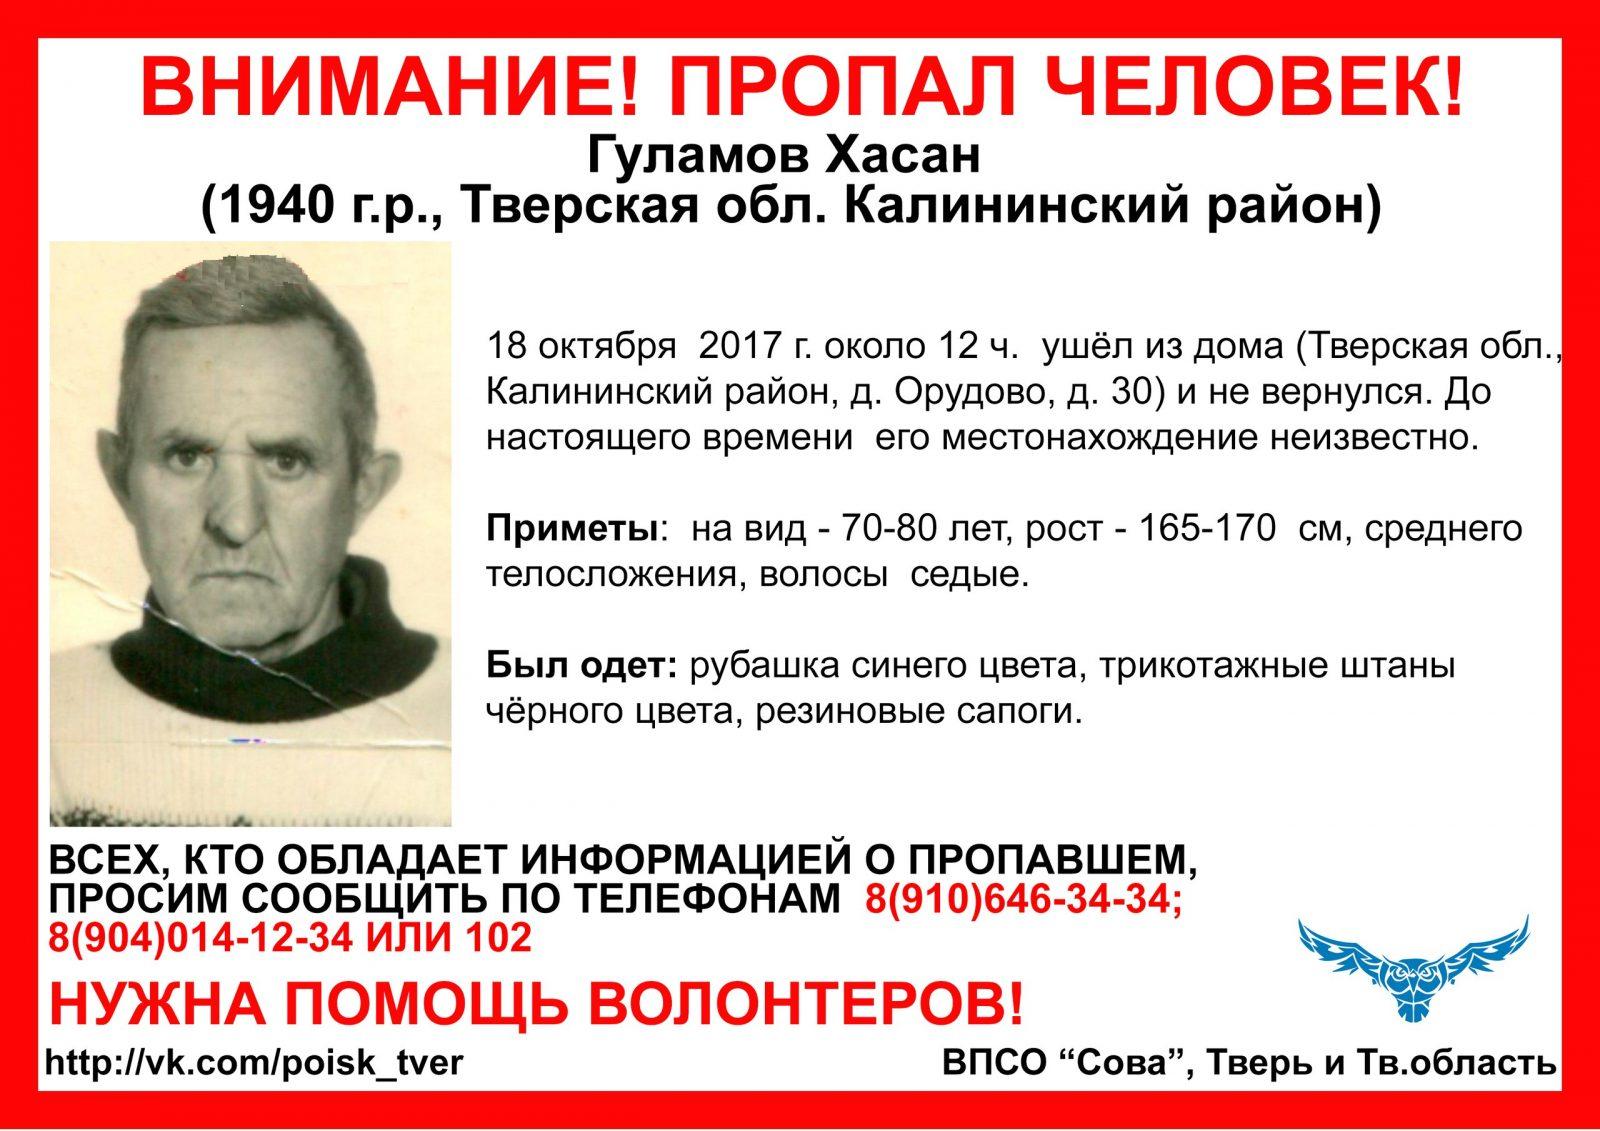 Пропал Гуламов Хасан (1940 г.р.)